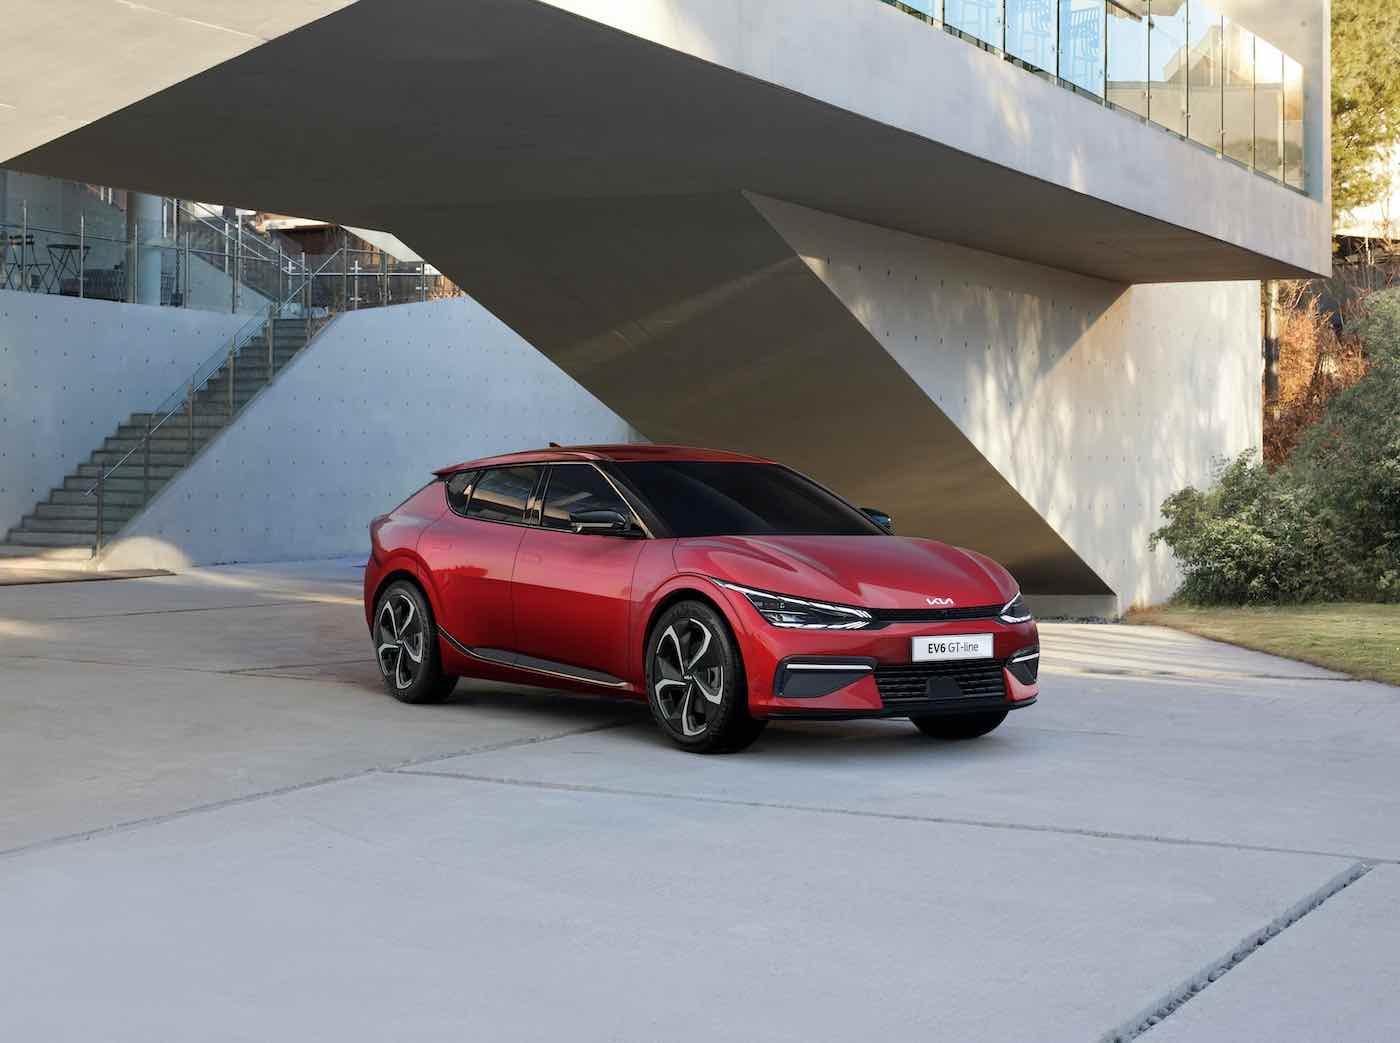 Kia EV6 redefine los límites de la movilidad eléctrica, con un diseño inspirador, un rendimiento estimulante y un espacio innovador